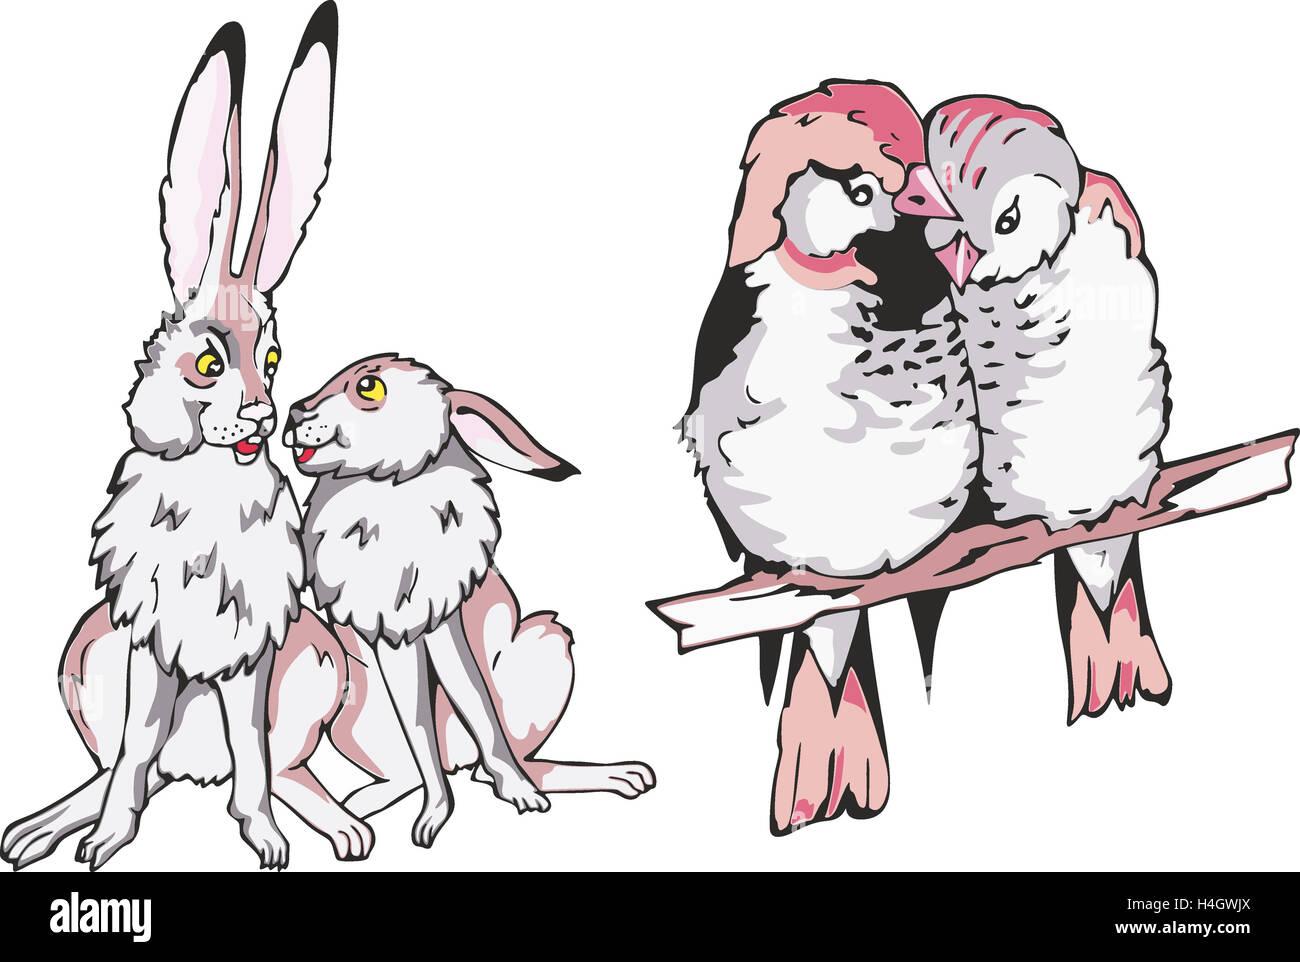 Serie De Dibujos Animados De Parejas De Animales En El Amor Dos